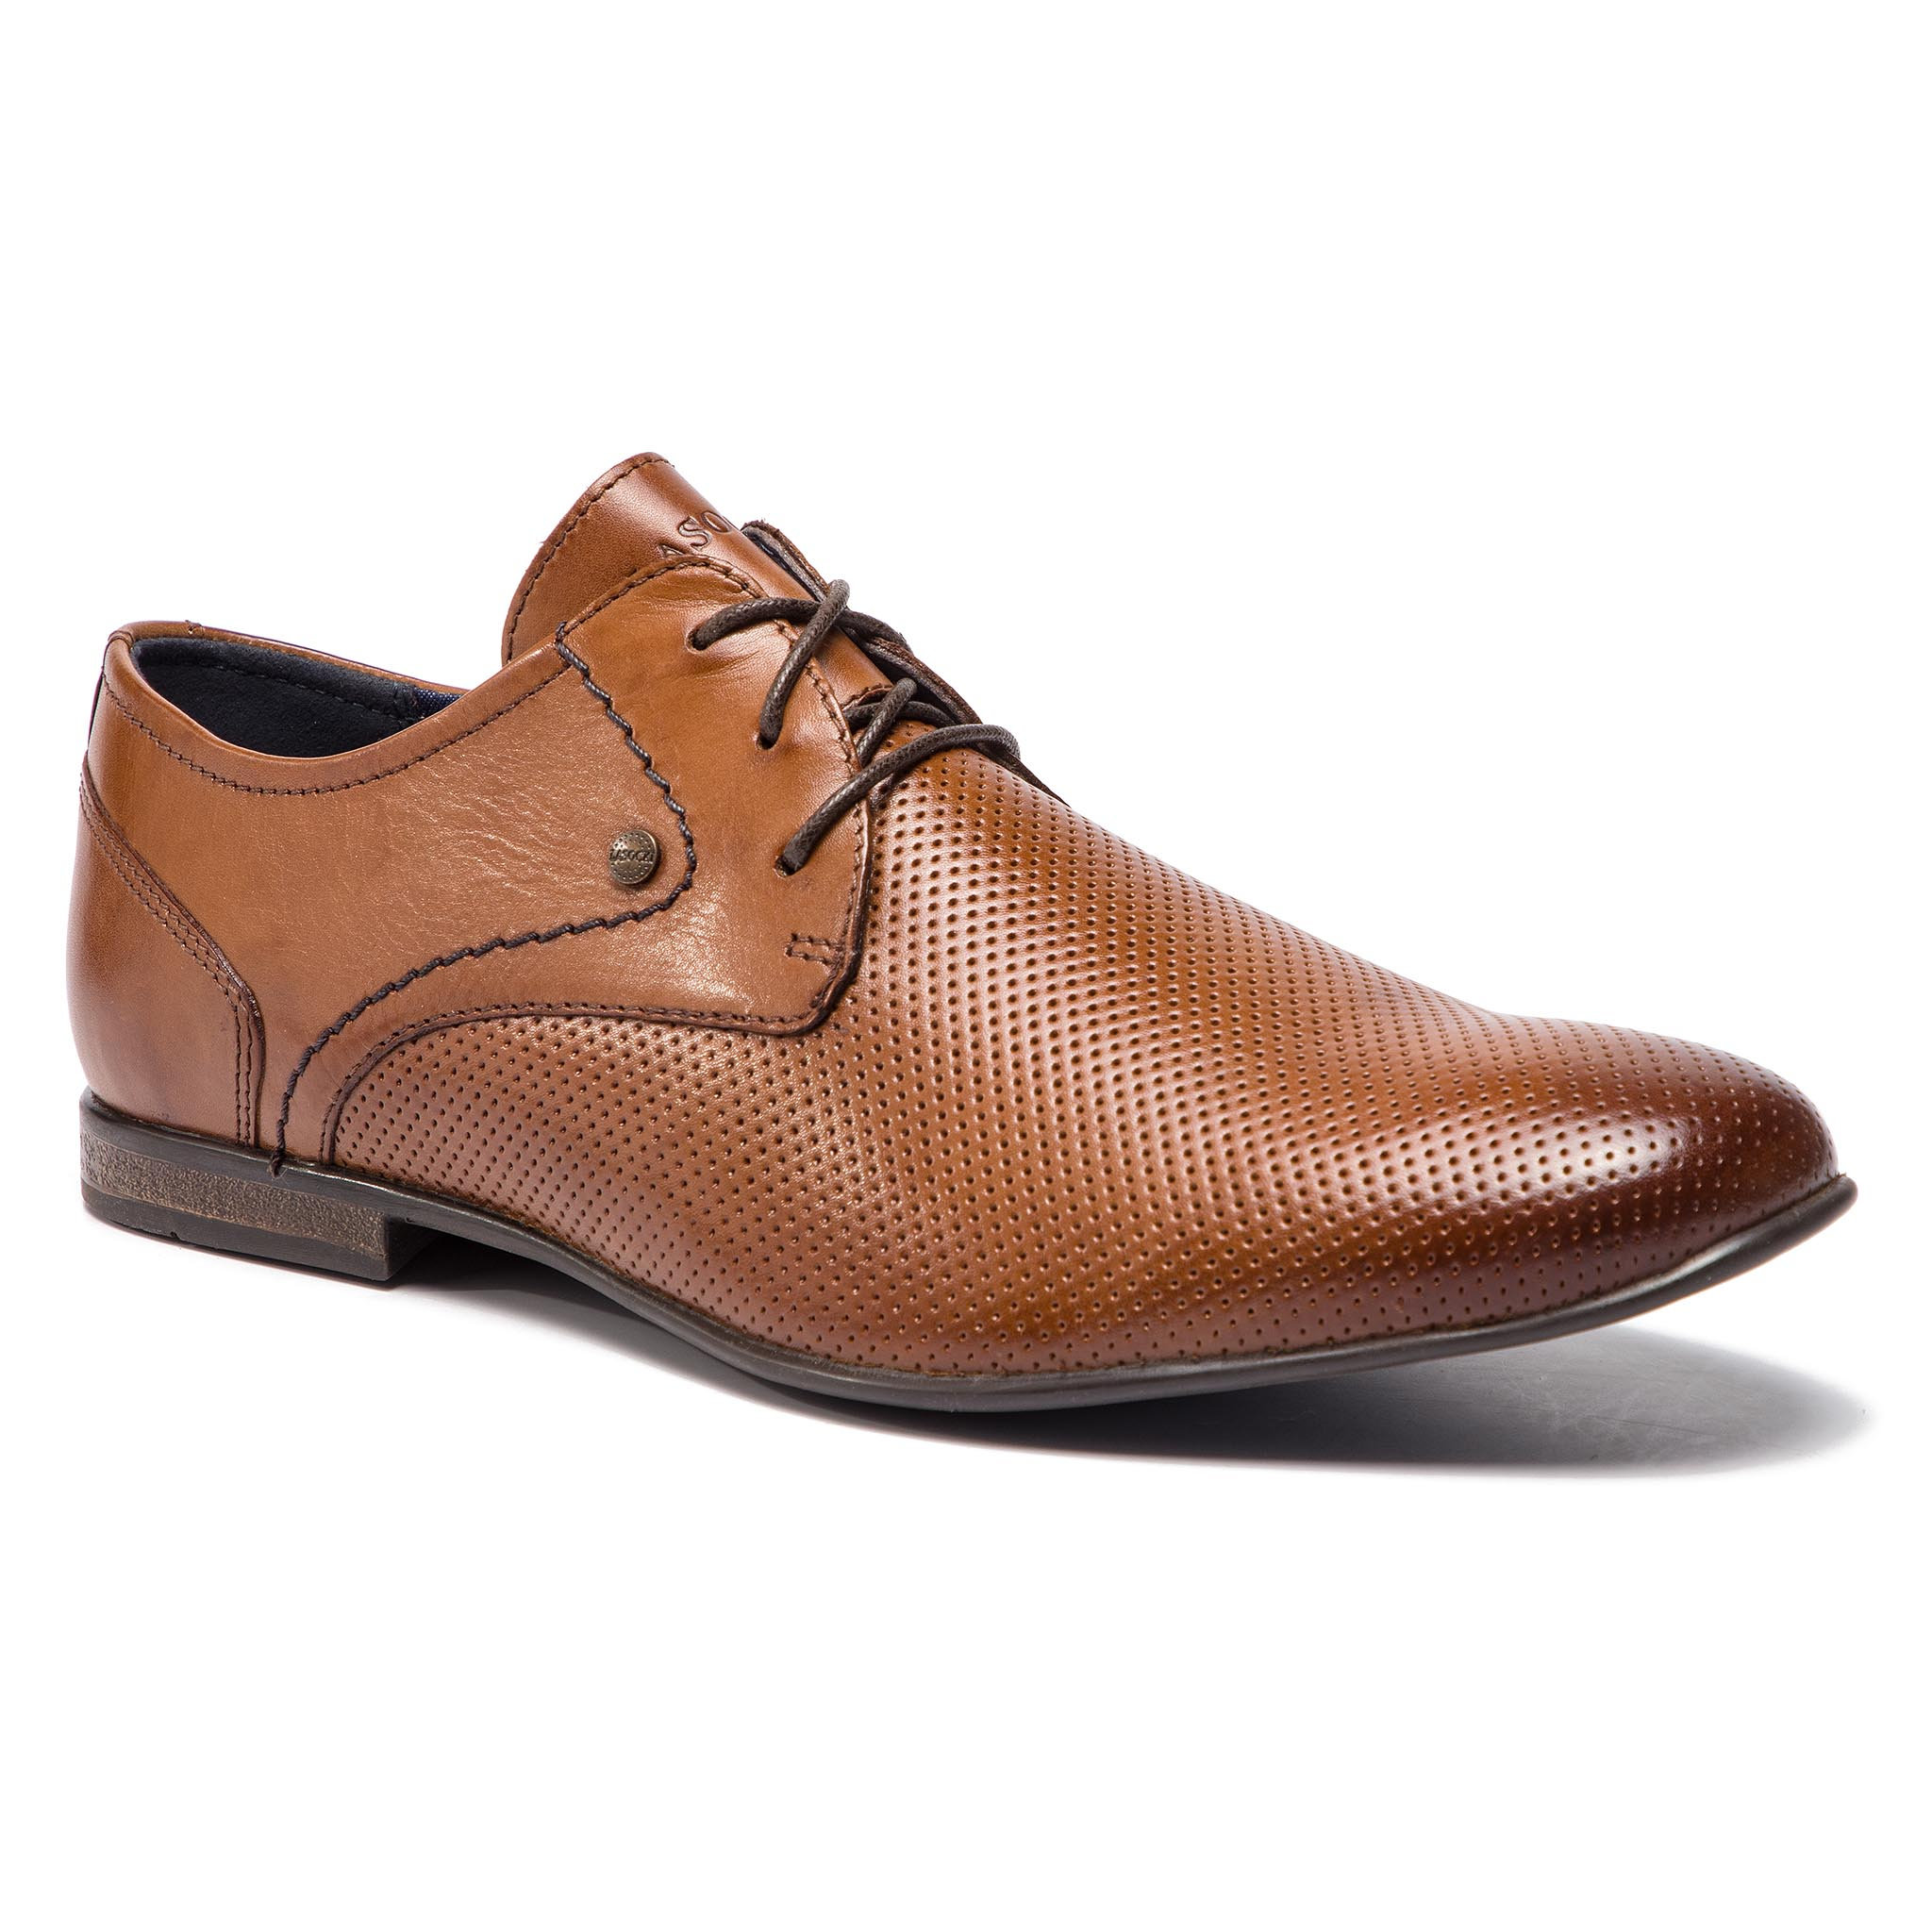 ccc buty męskie wizytowe